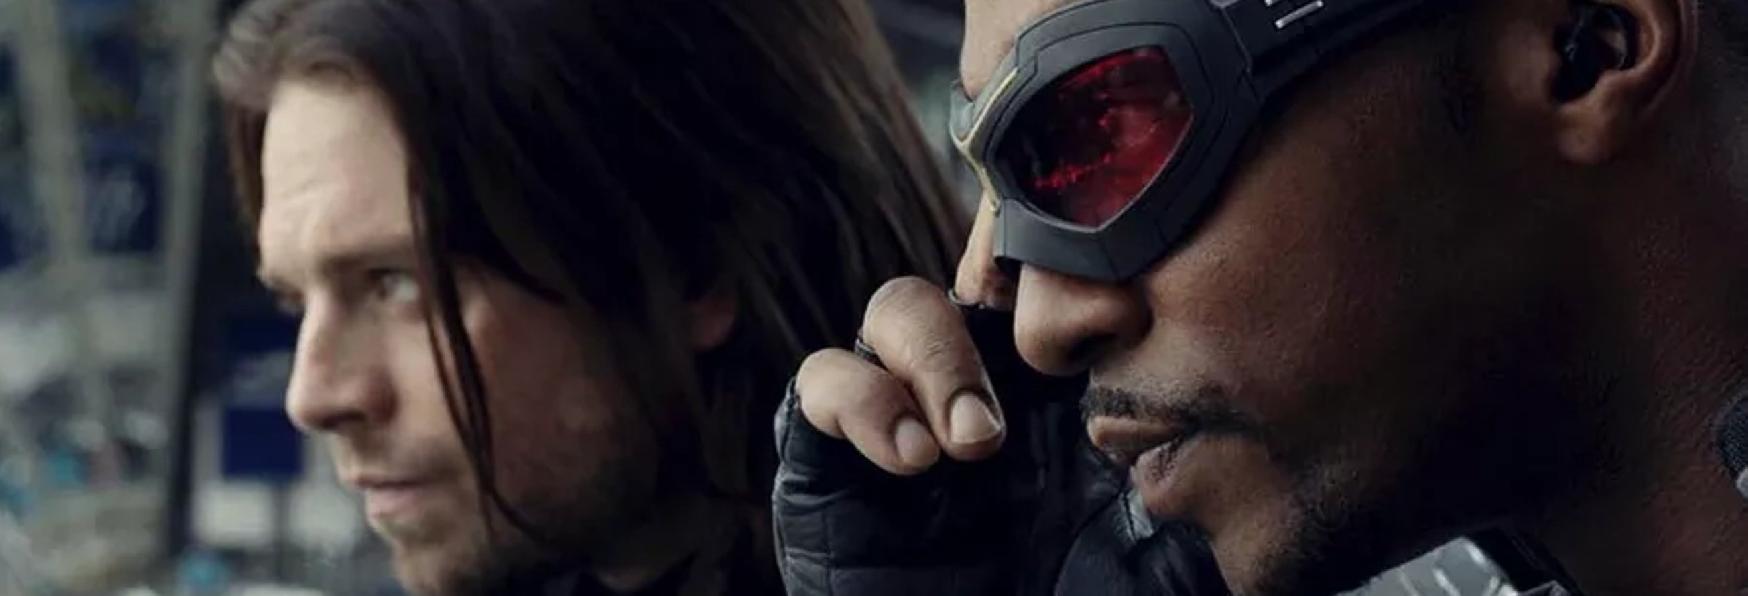 Disney svilupperà una miniserie su Falcon e Winter Soldier